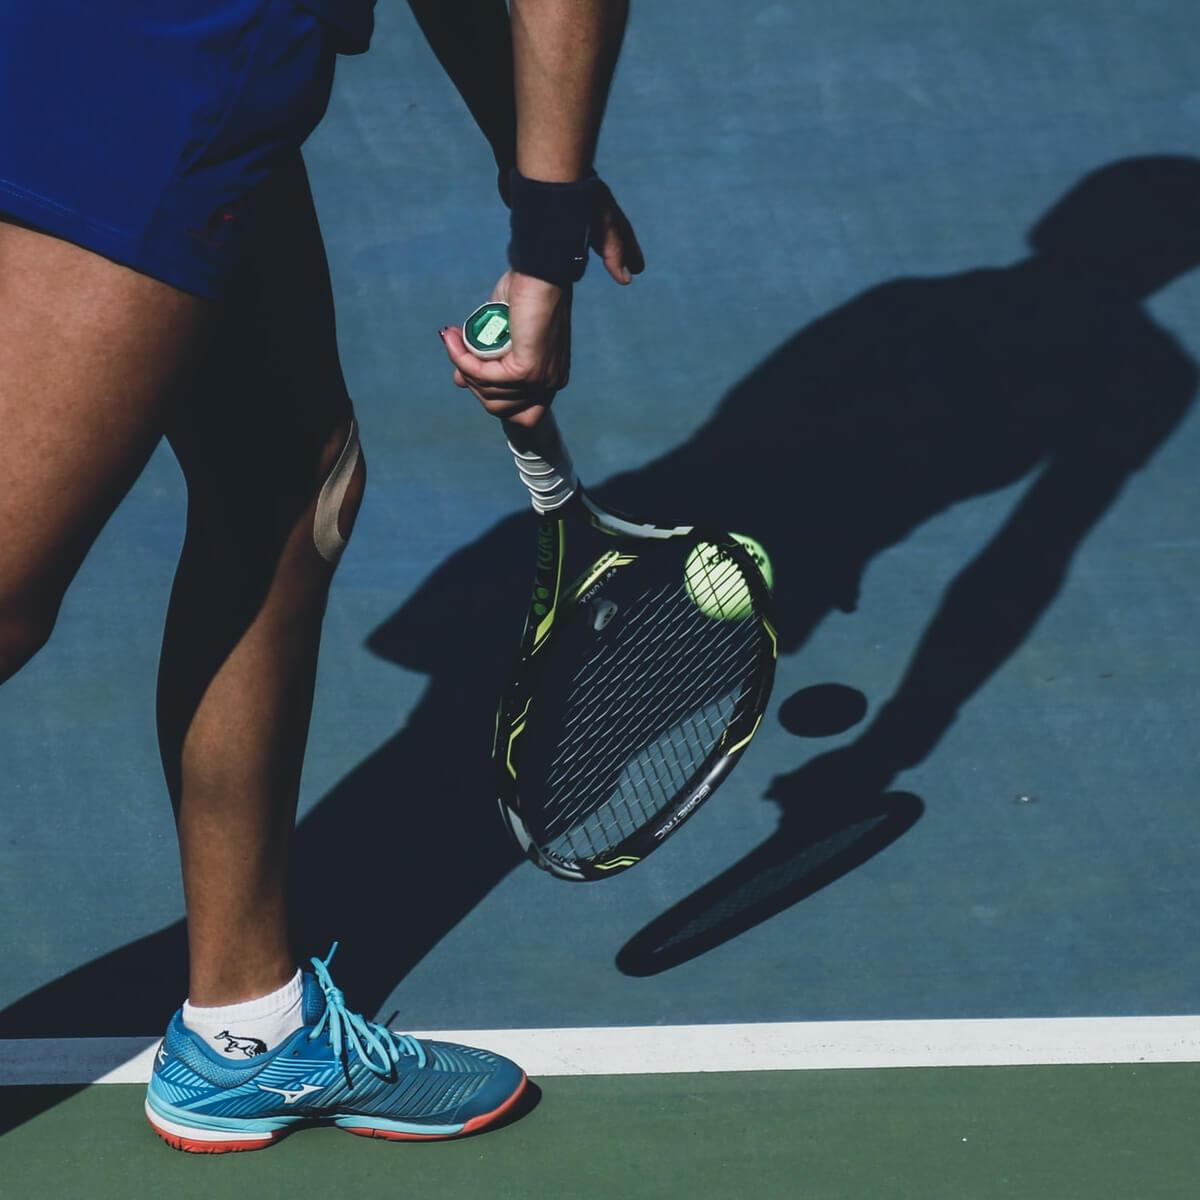 Tennis Player Bouncing Ball